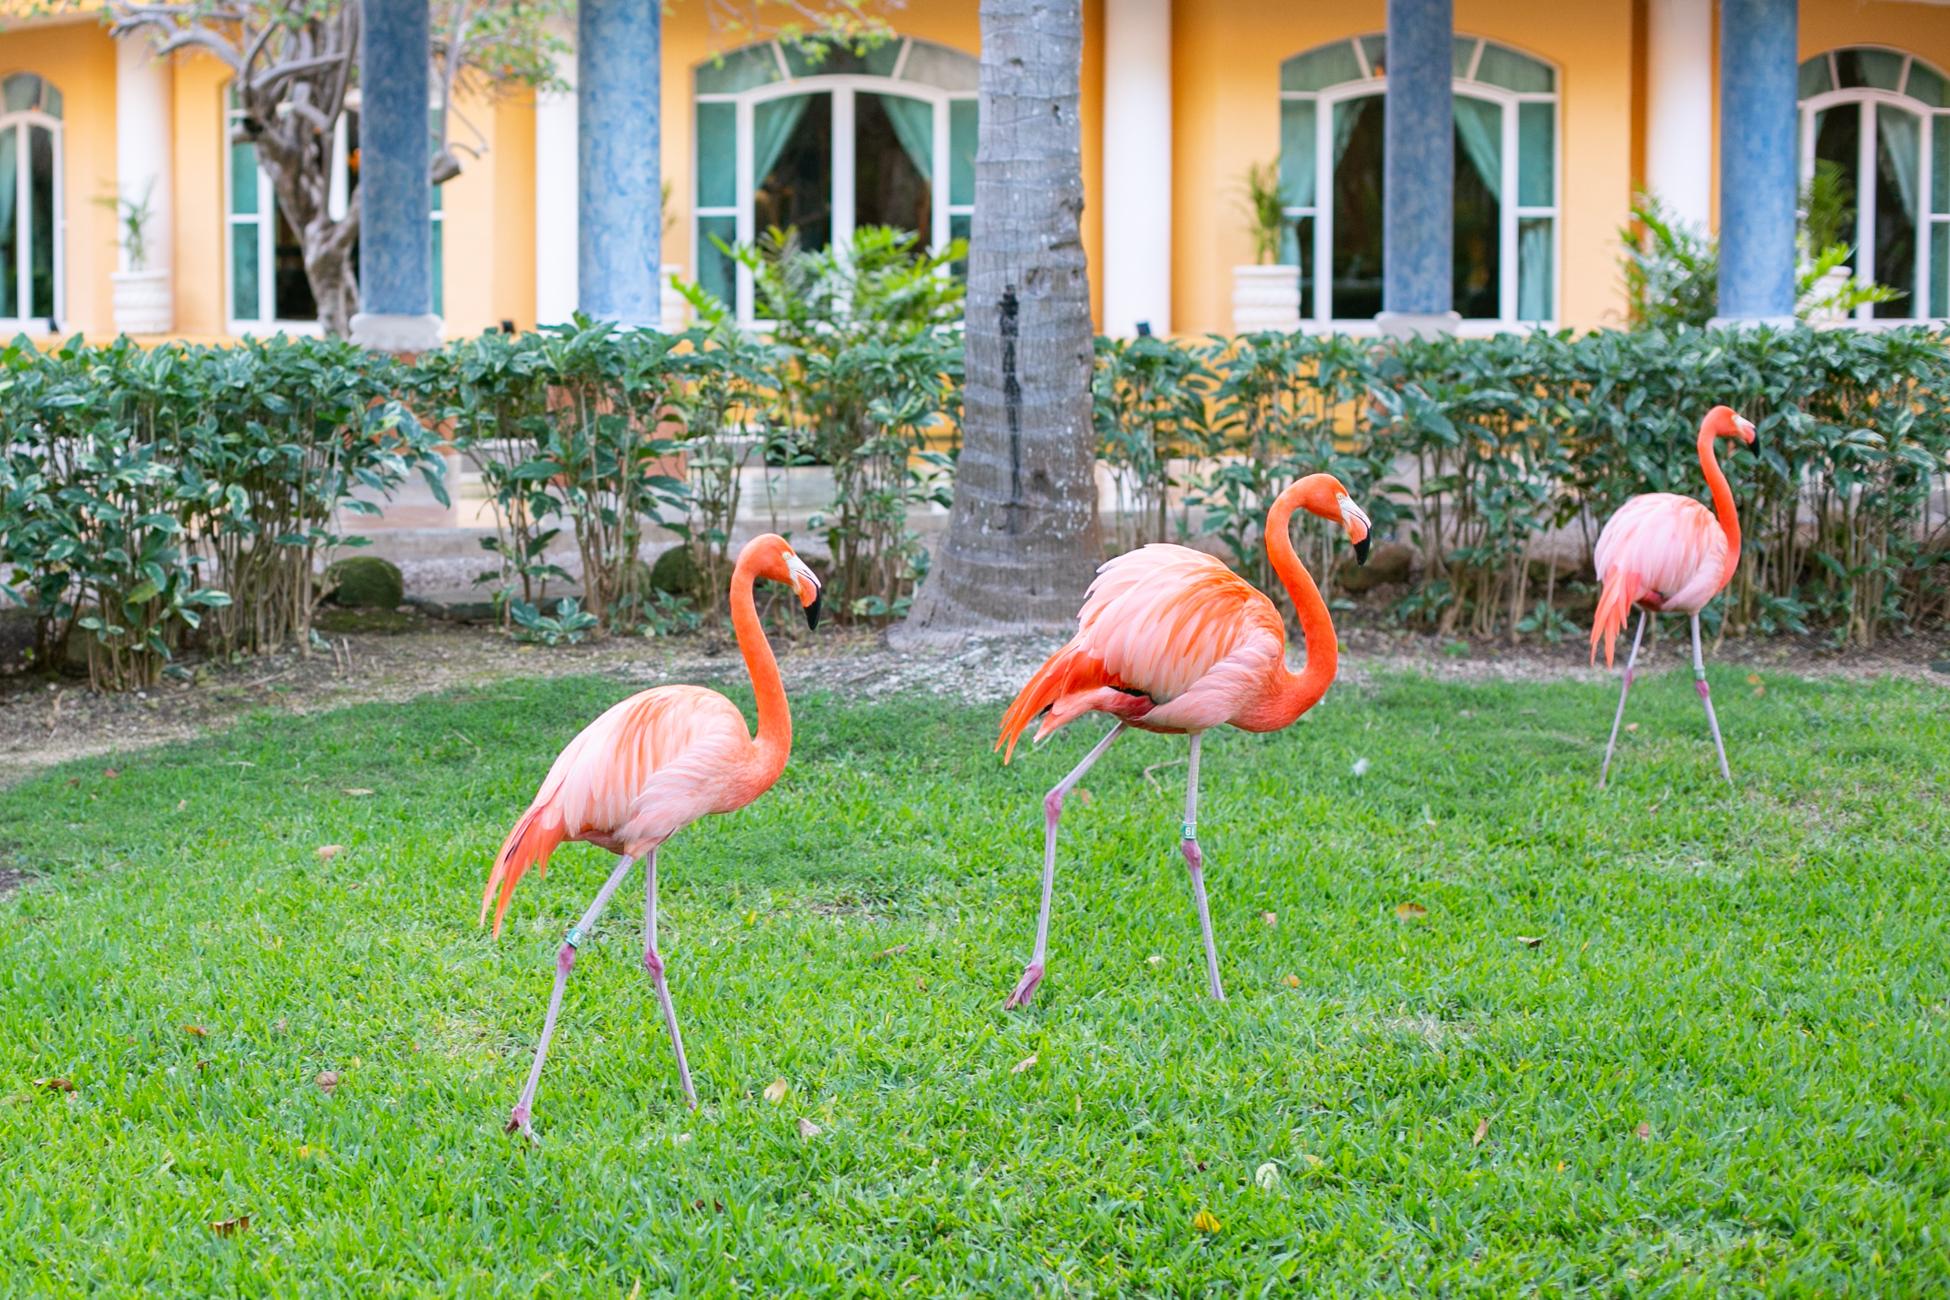 Parade of Flamingos